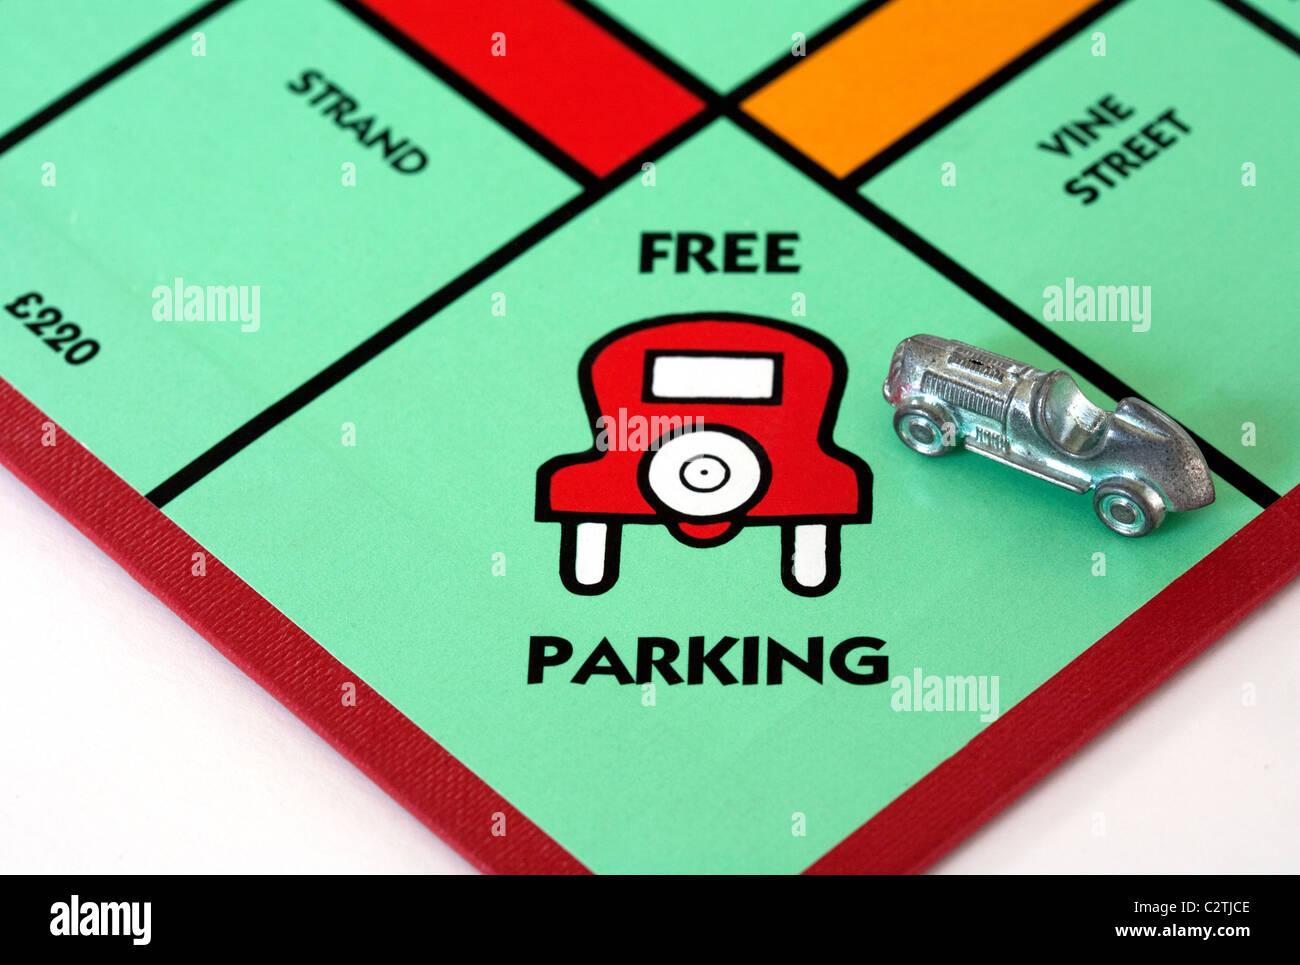 ein-auto-auf-dem-platz-frei-parken-auf-das-monopoly-spielbrett-uk-c2tjce.jpg